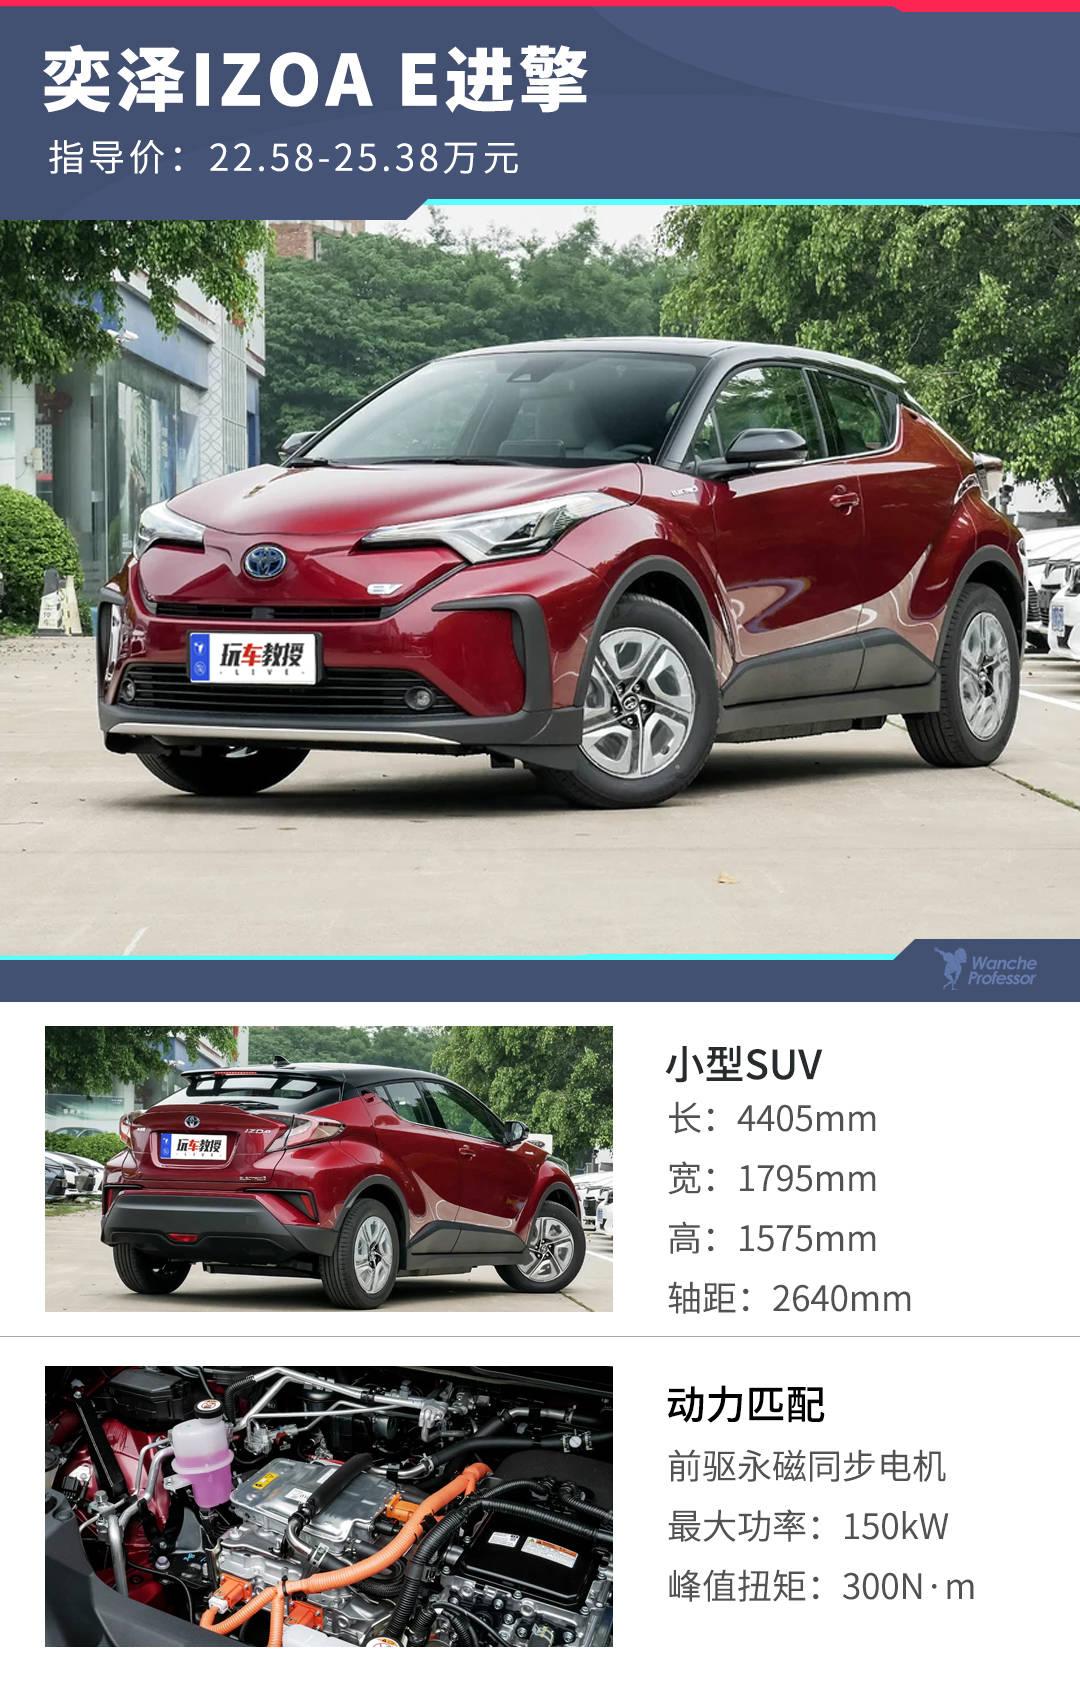 原装标准10气囊,同级罕见!选择这款刚上市的丰田SUV性价比更高